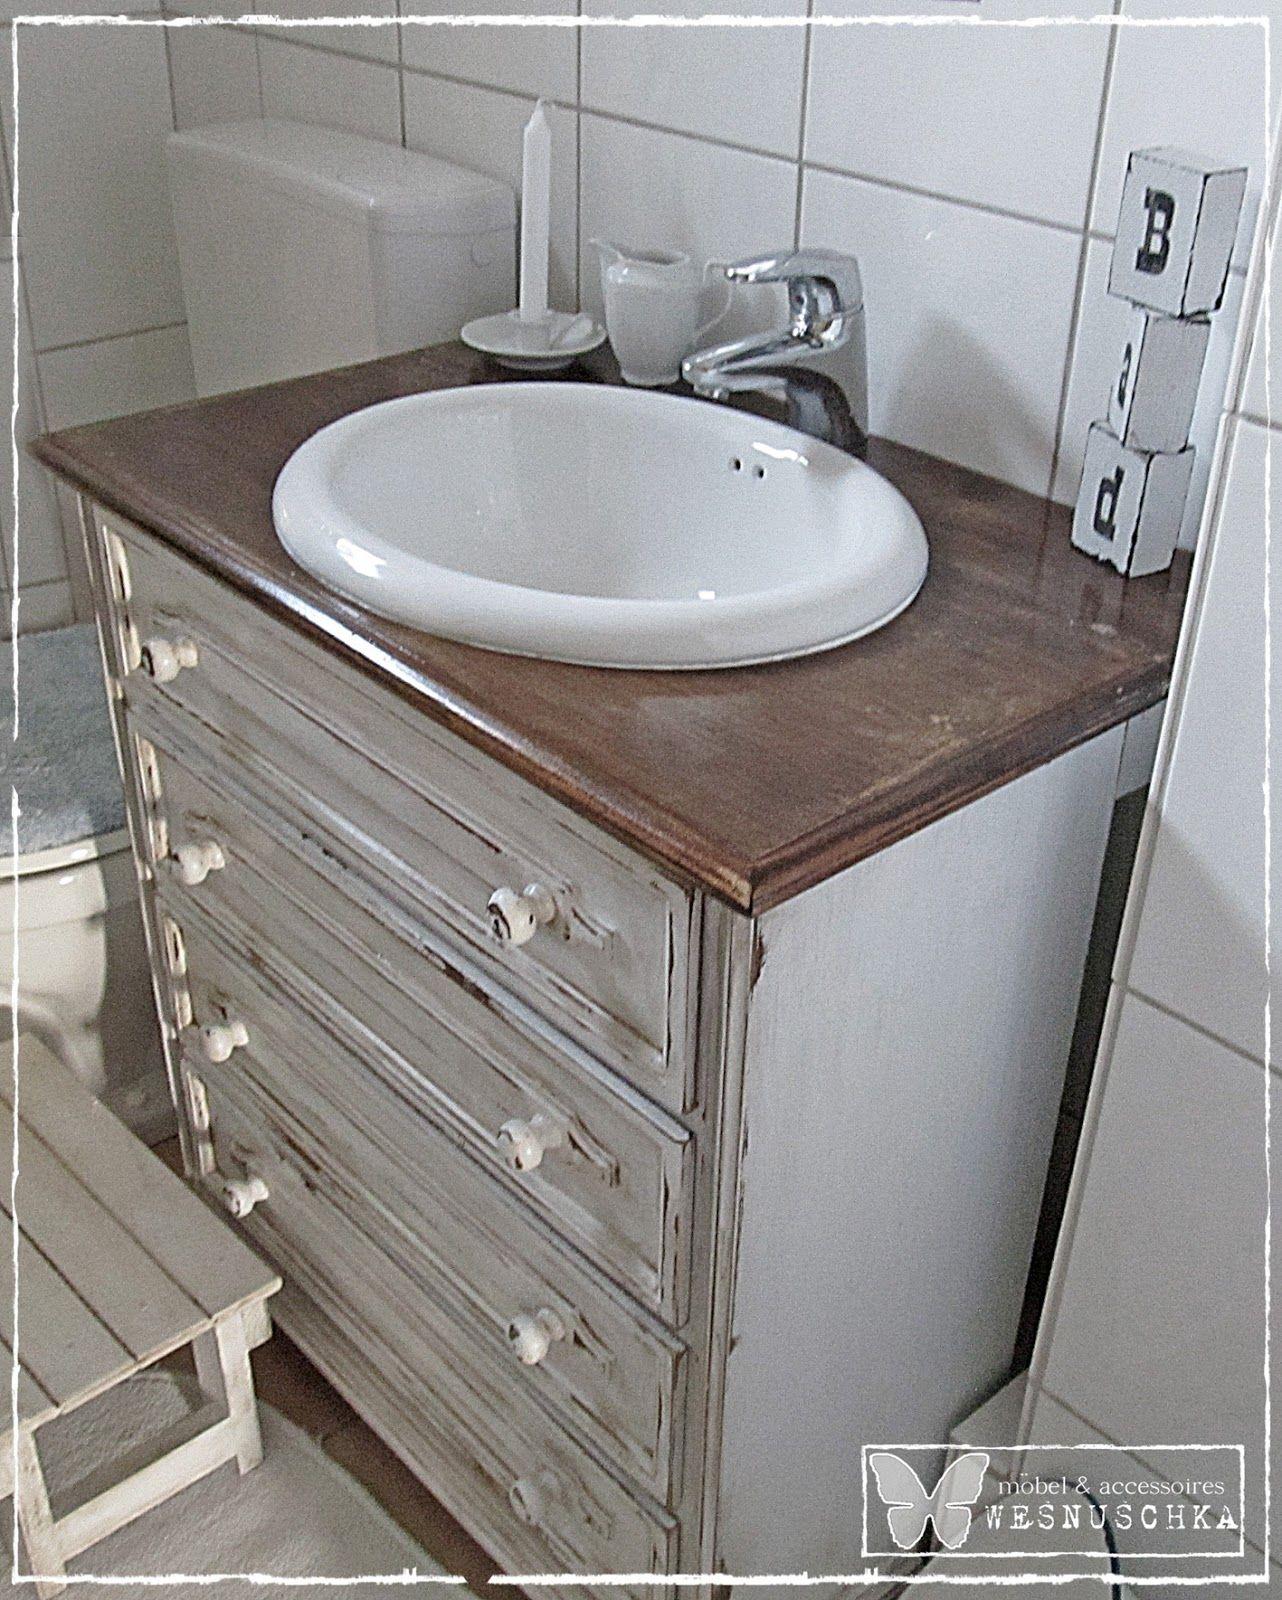 waschbeckenunterschrank selber bauen. Black Bedroom Furniture Sets. Home Design Ideas